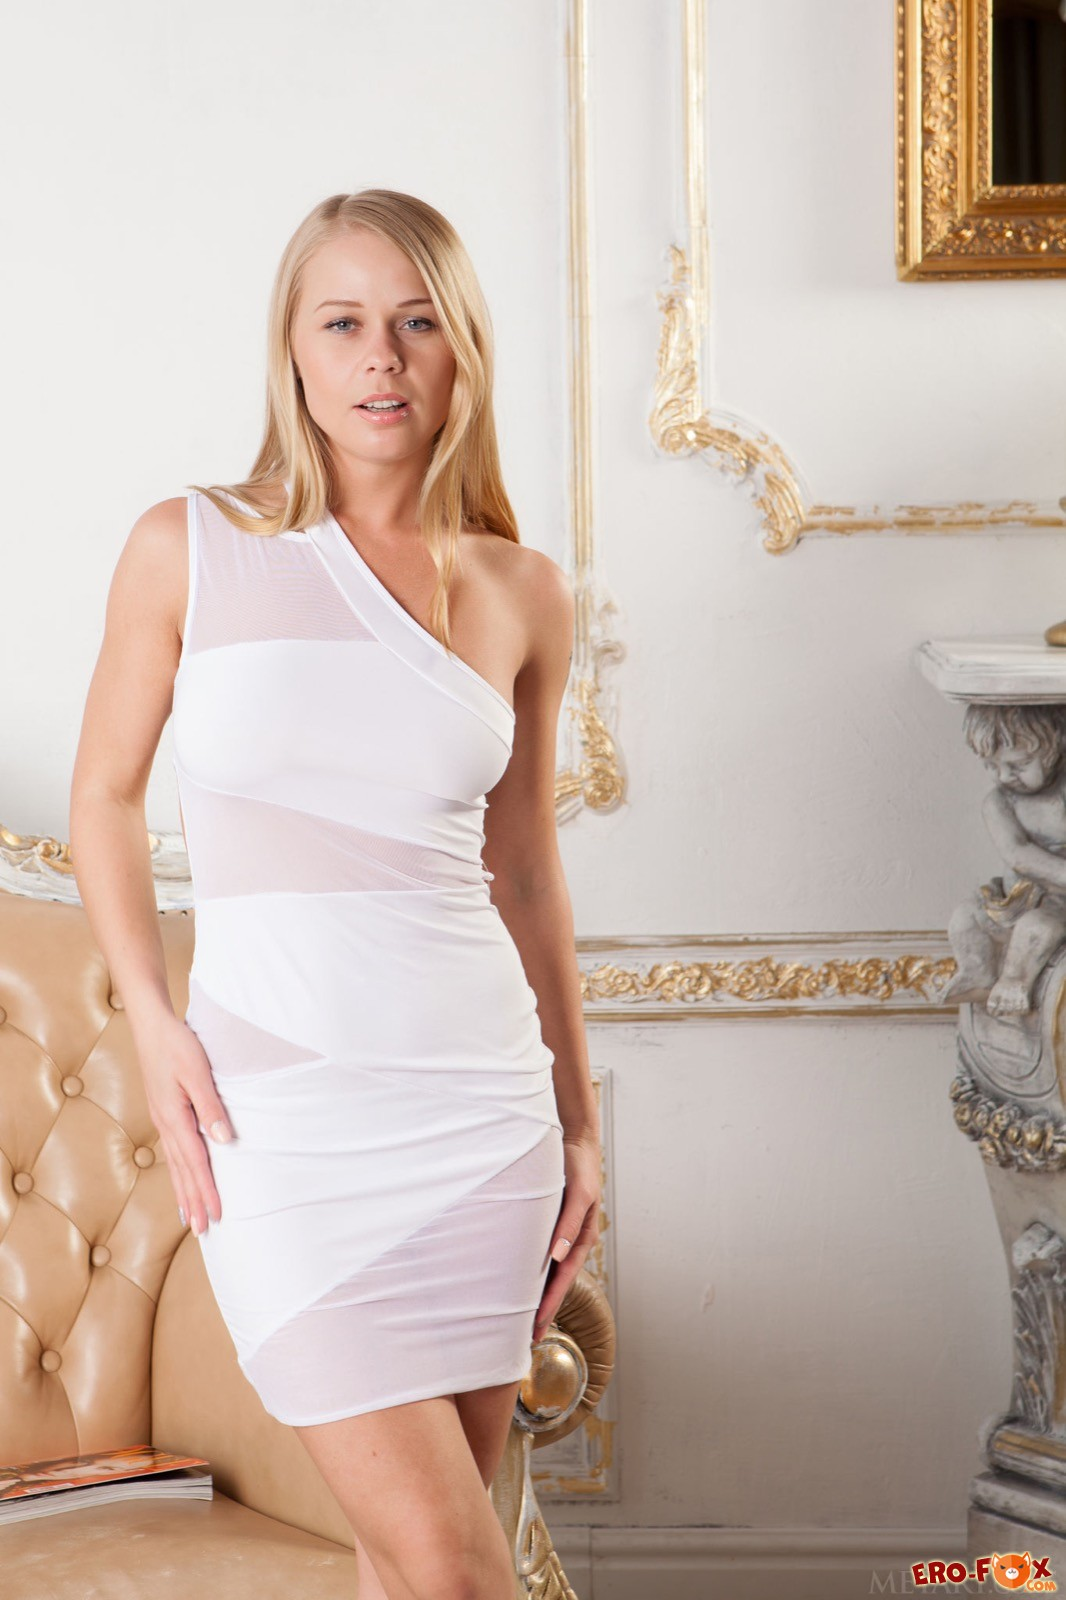 Женщина с красивой грудью сняла платье и трусики